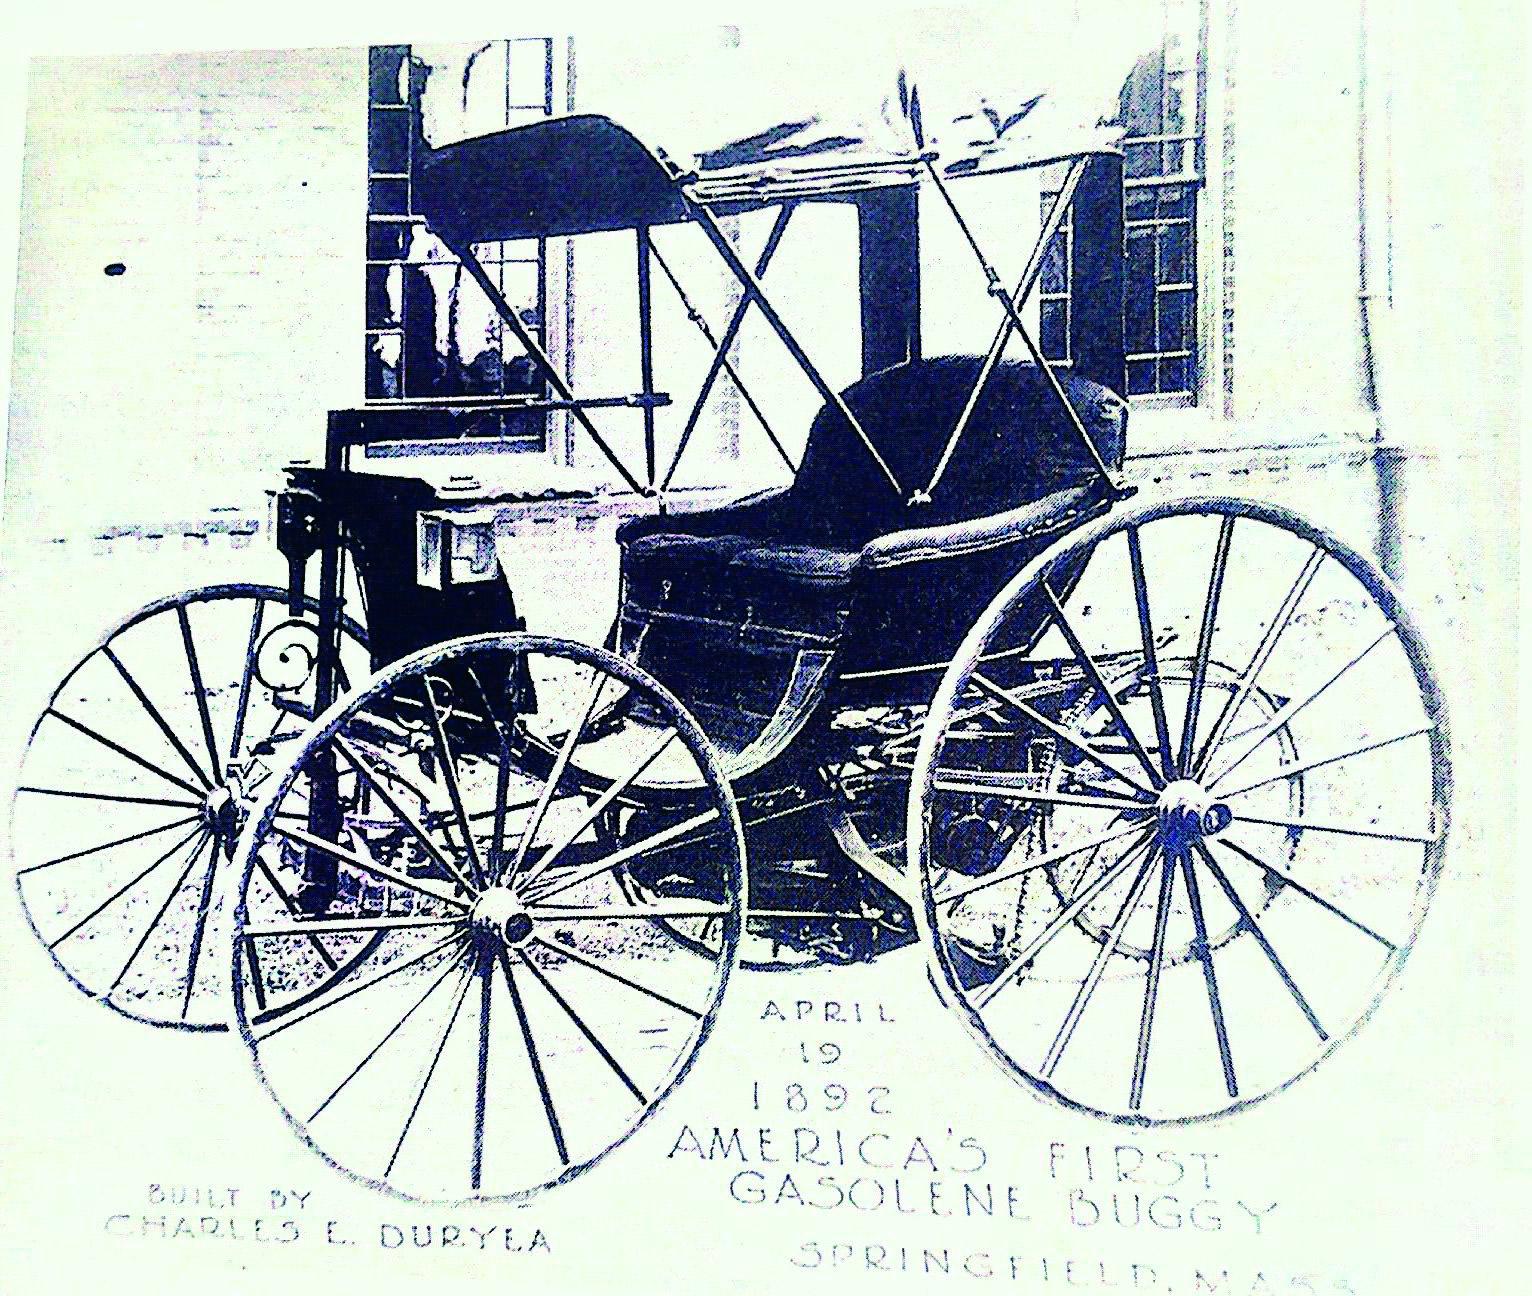 """1892 Valvoline hakkas varustama mootoriõliga autotootjat Stevens Durye, kes valmistas USAs esimese bensiinimootoriga auto. Ettevõte oli määrdeainest nii vaimustuses, et kinnitas igale oma autole sildi: """"See auto sõidab Valvoline'i mootoriõliga. Soovitame selle kasutamist. Selles autos ei tohiks kasutada mingit muud õli!"""""""